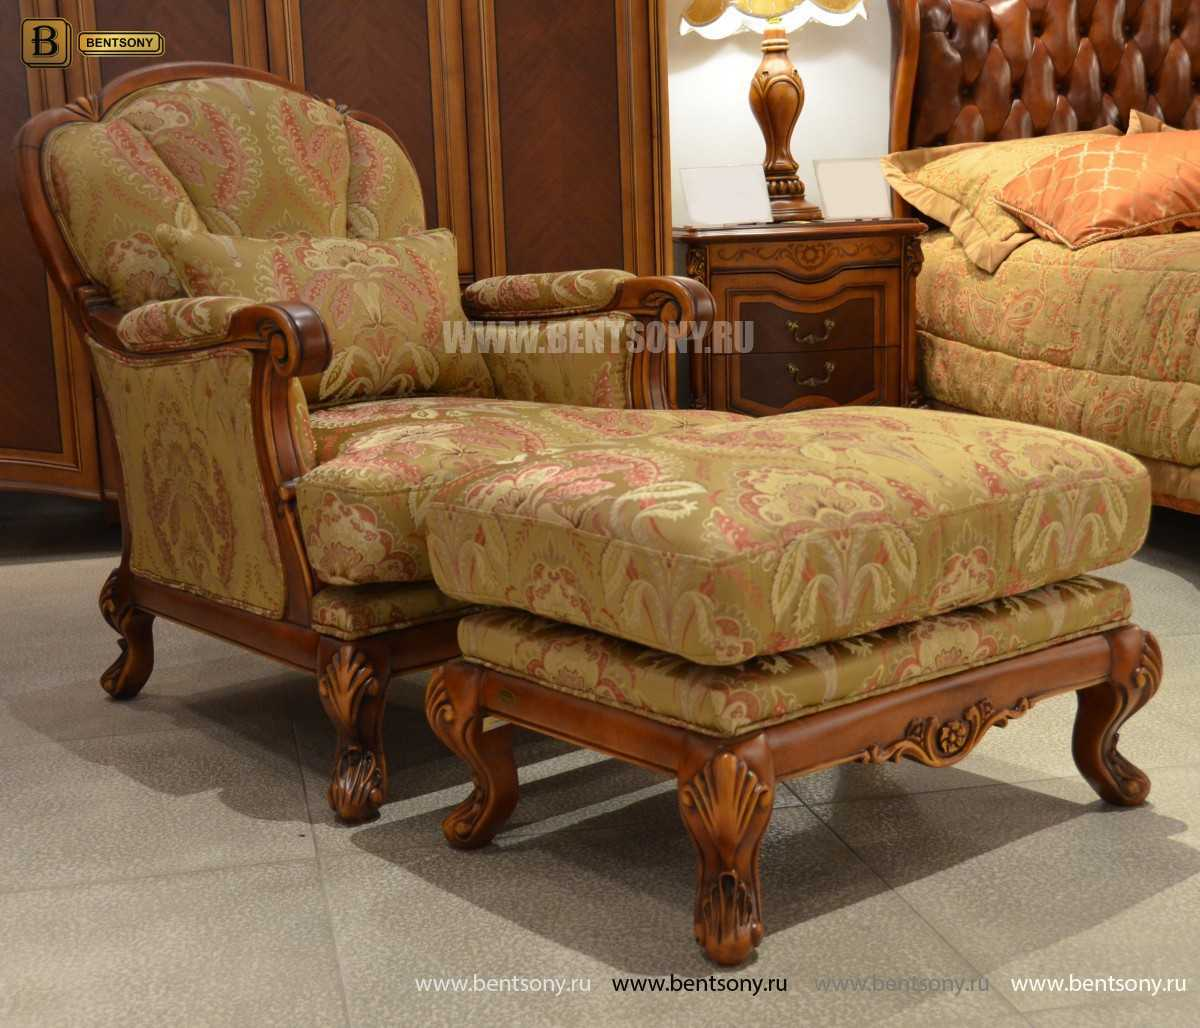 Кресло для отдыха Флетчер (Классика, Ткань) интернет магазин